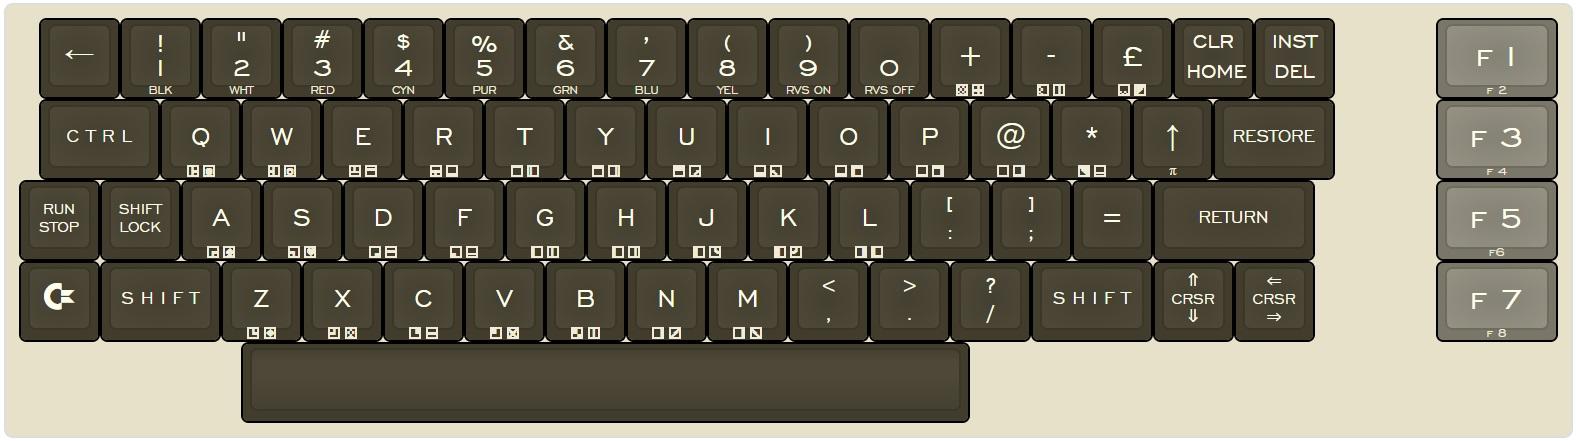 Asterisk keyboard